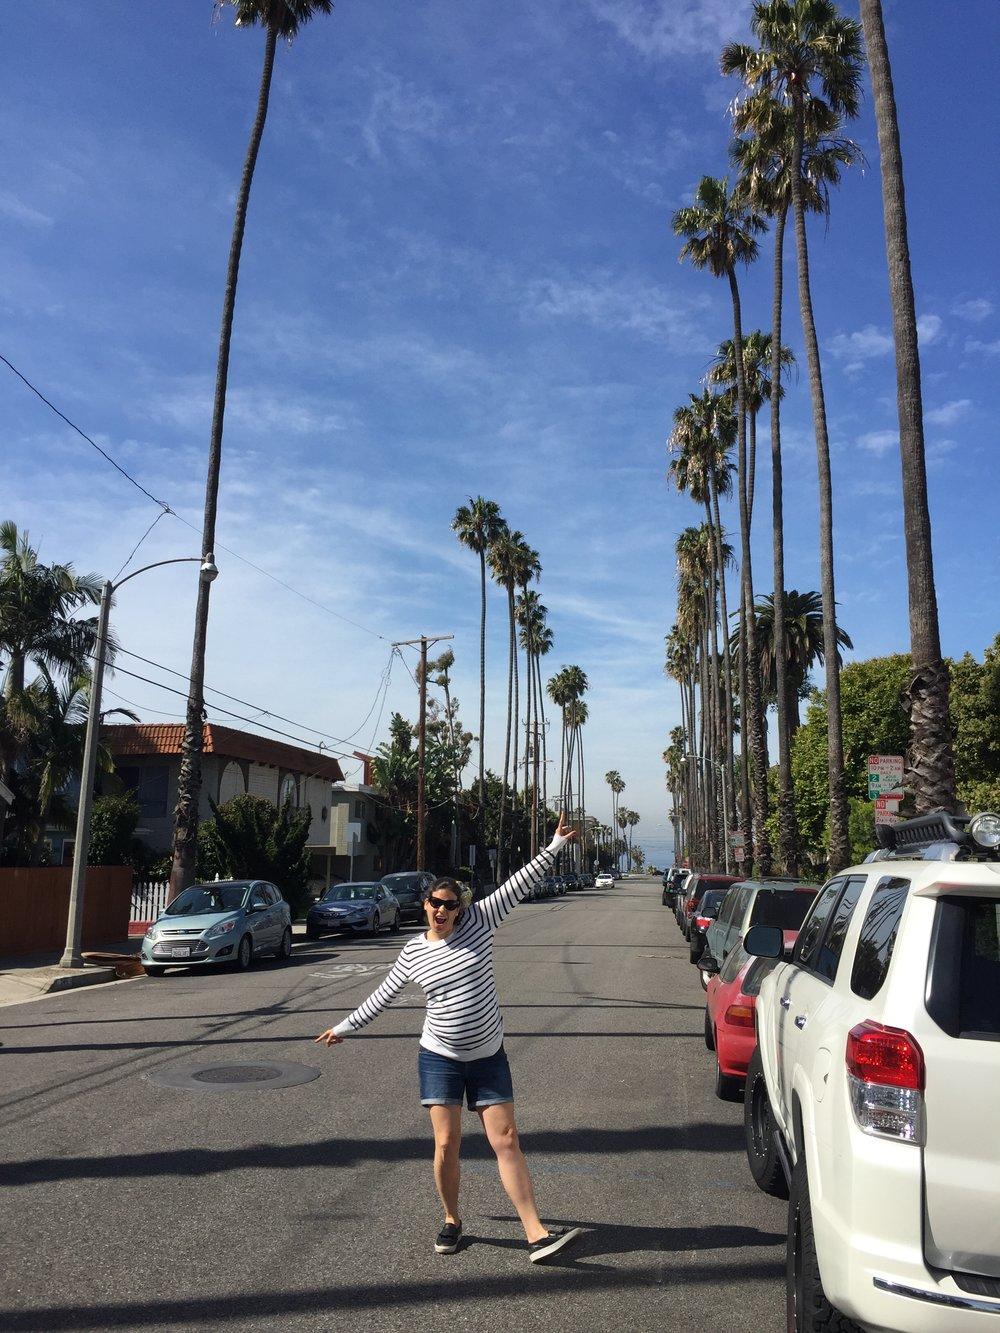 Olivia and I in Santa Monica, California for my birthday